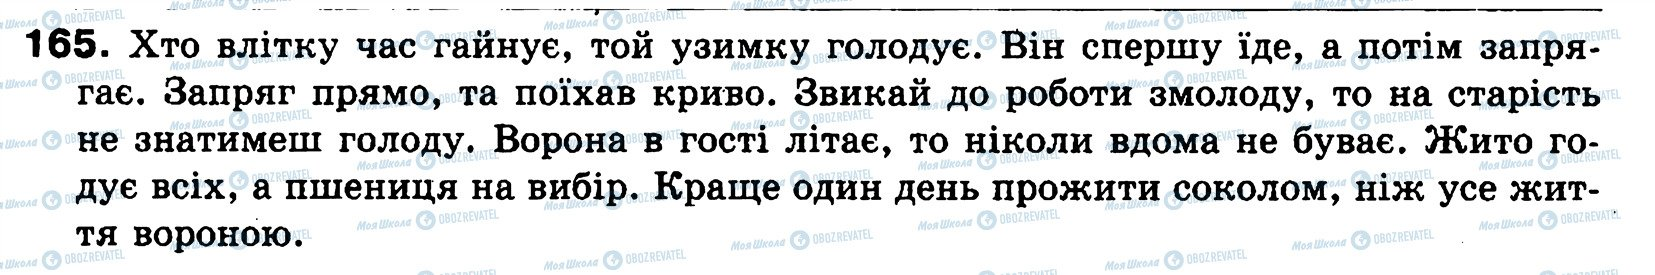 ГДЗ Українська мова 8 клас сторінка 165